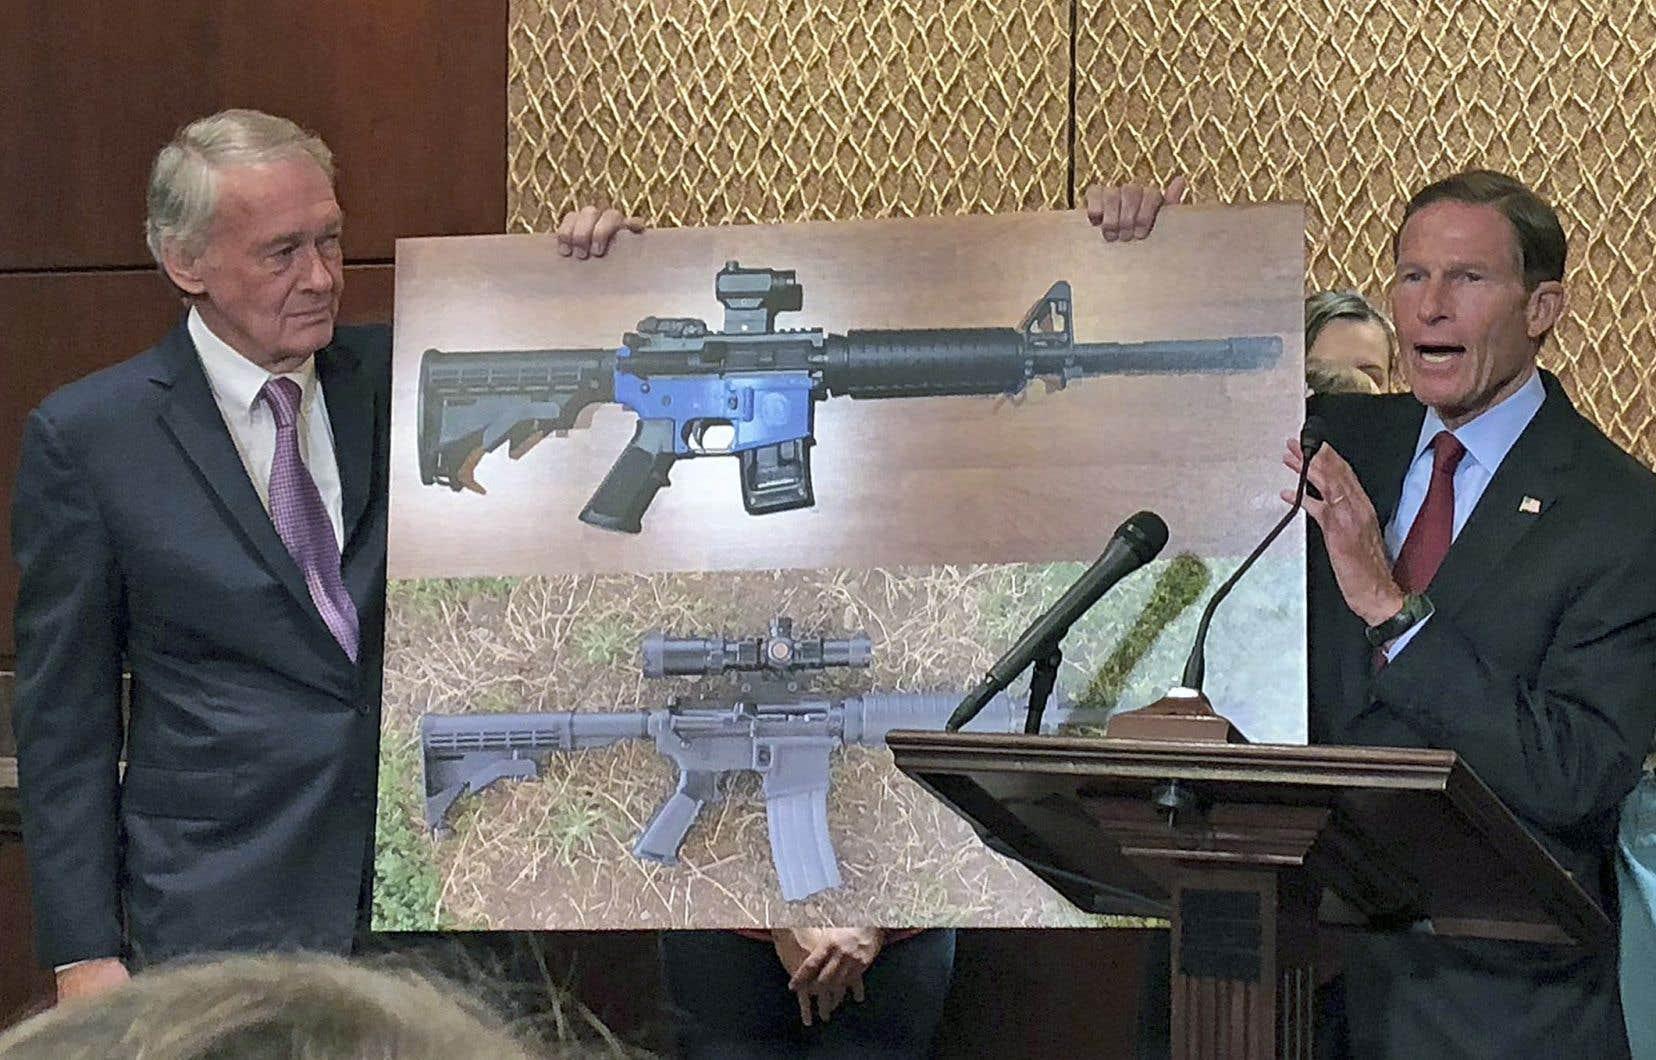 Opposés à la permission accordée à l'entreprise Defense Distributed de mettre en ligne les codes pour l'impression d'armes en plastique, les sénateurs démocrates Edward Markey et Richard Blumenthal ont organisé une conférence de presse au Capitole à Washington.